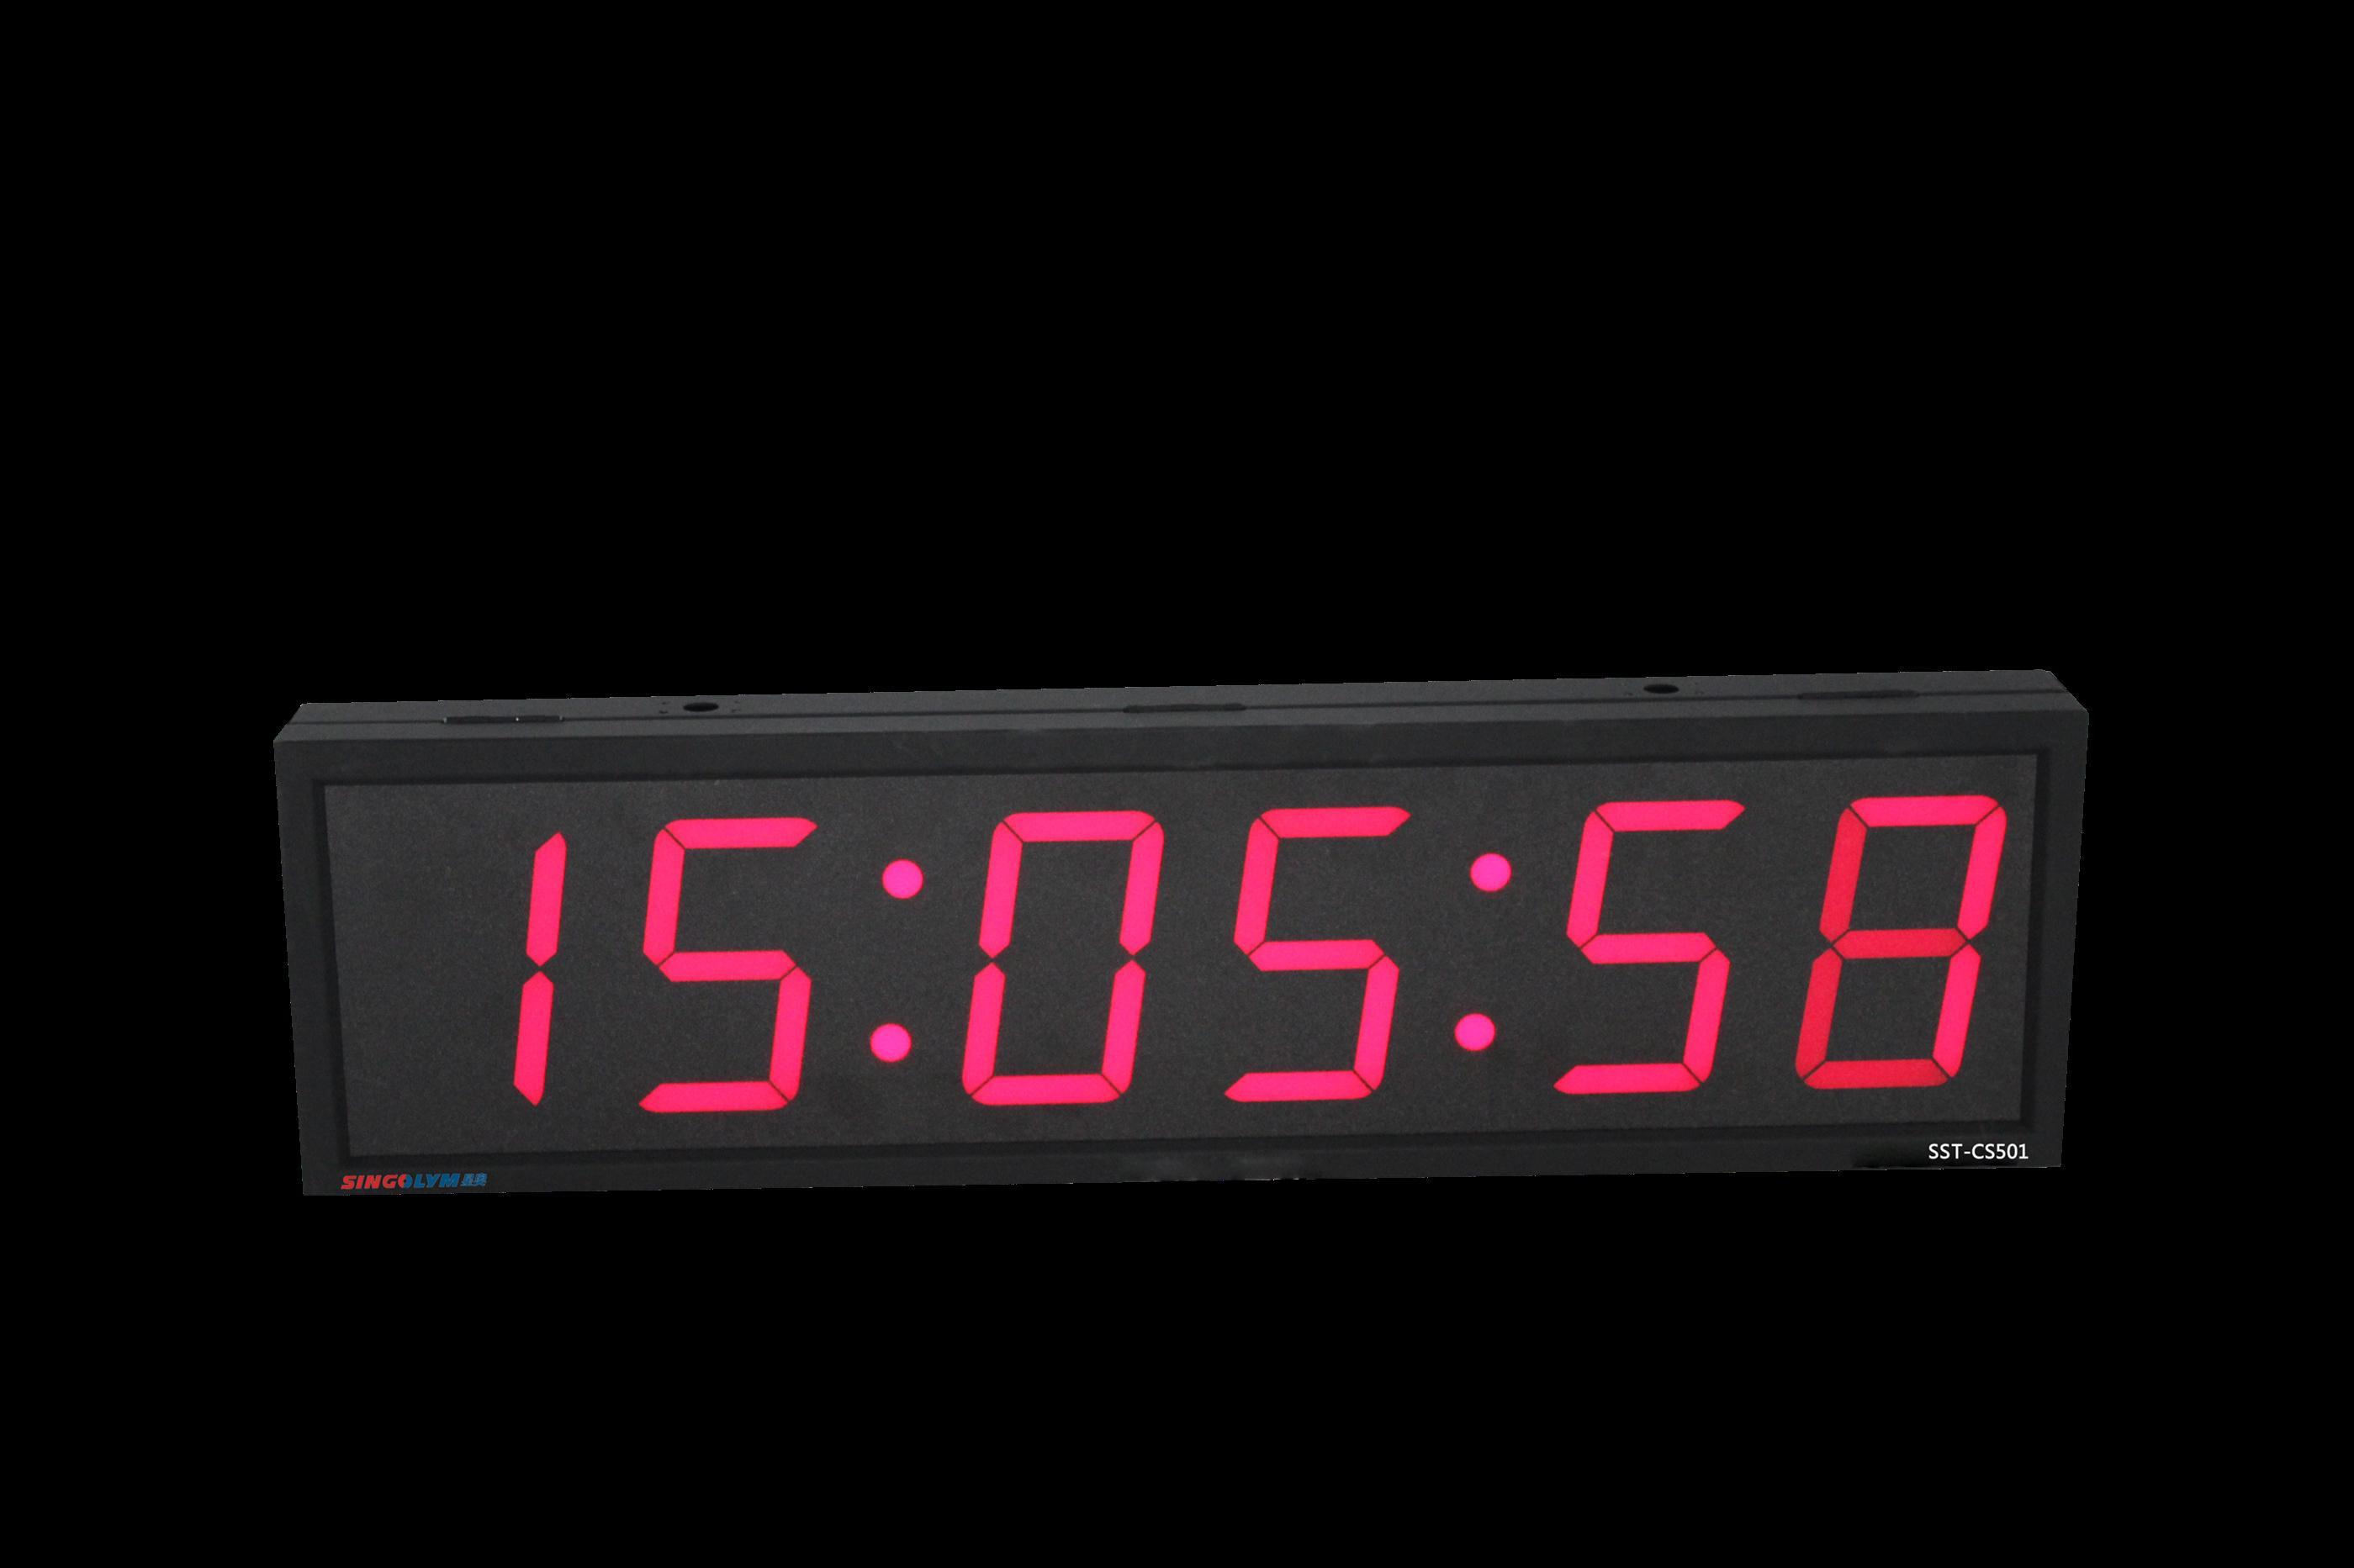 乌鲁木齐GPS标准时钟厂家 欢迎来电咨询